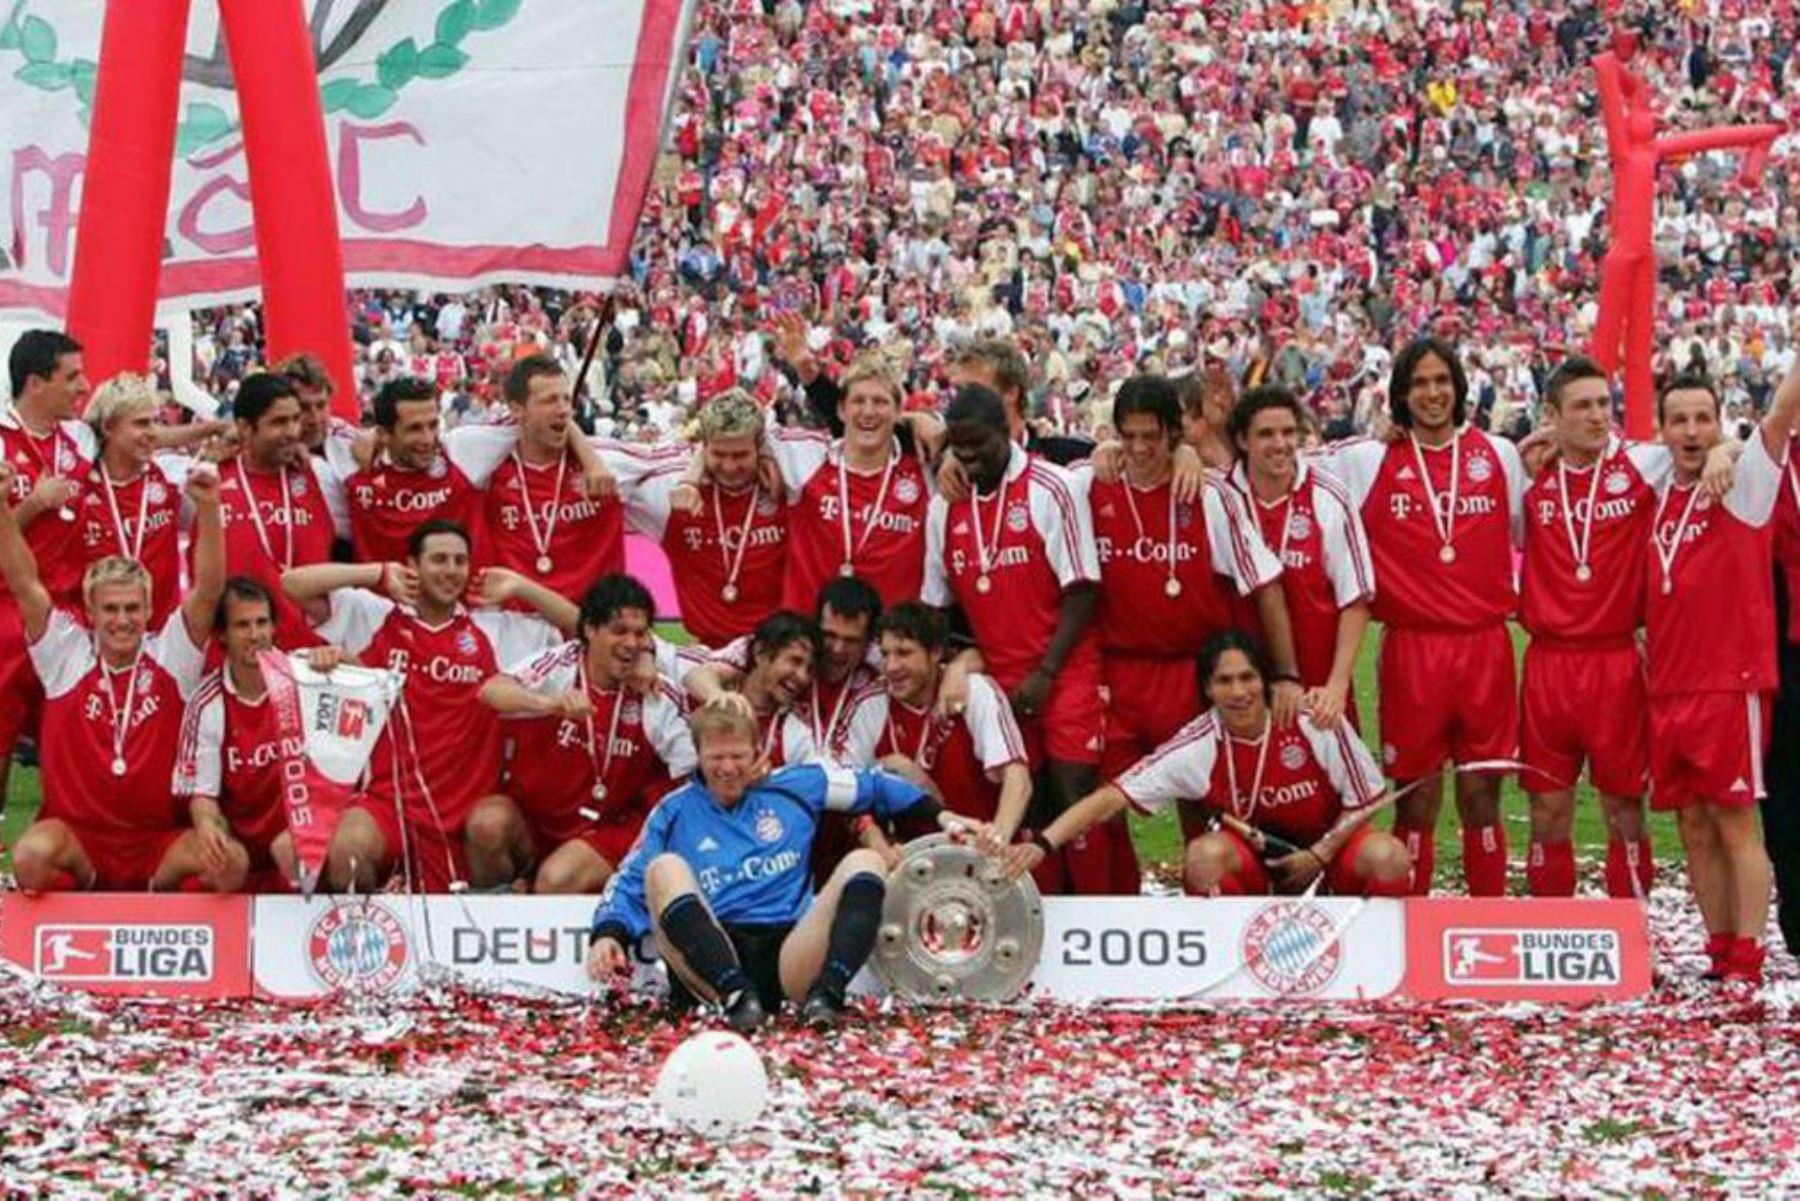 Campeonato alemán 2004/2005. Fuente: FC Bayern Munich